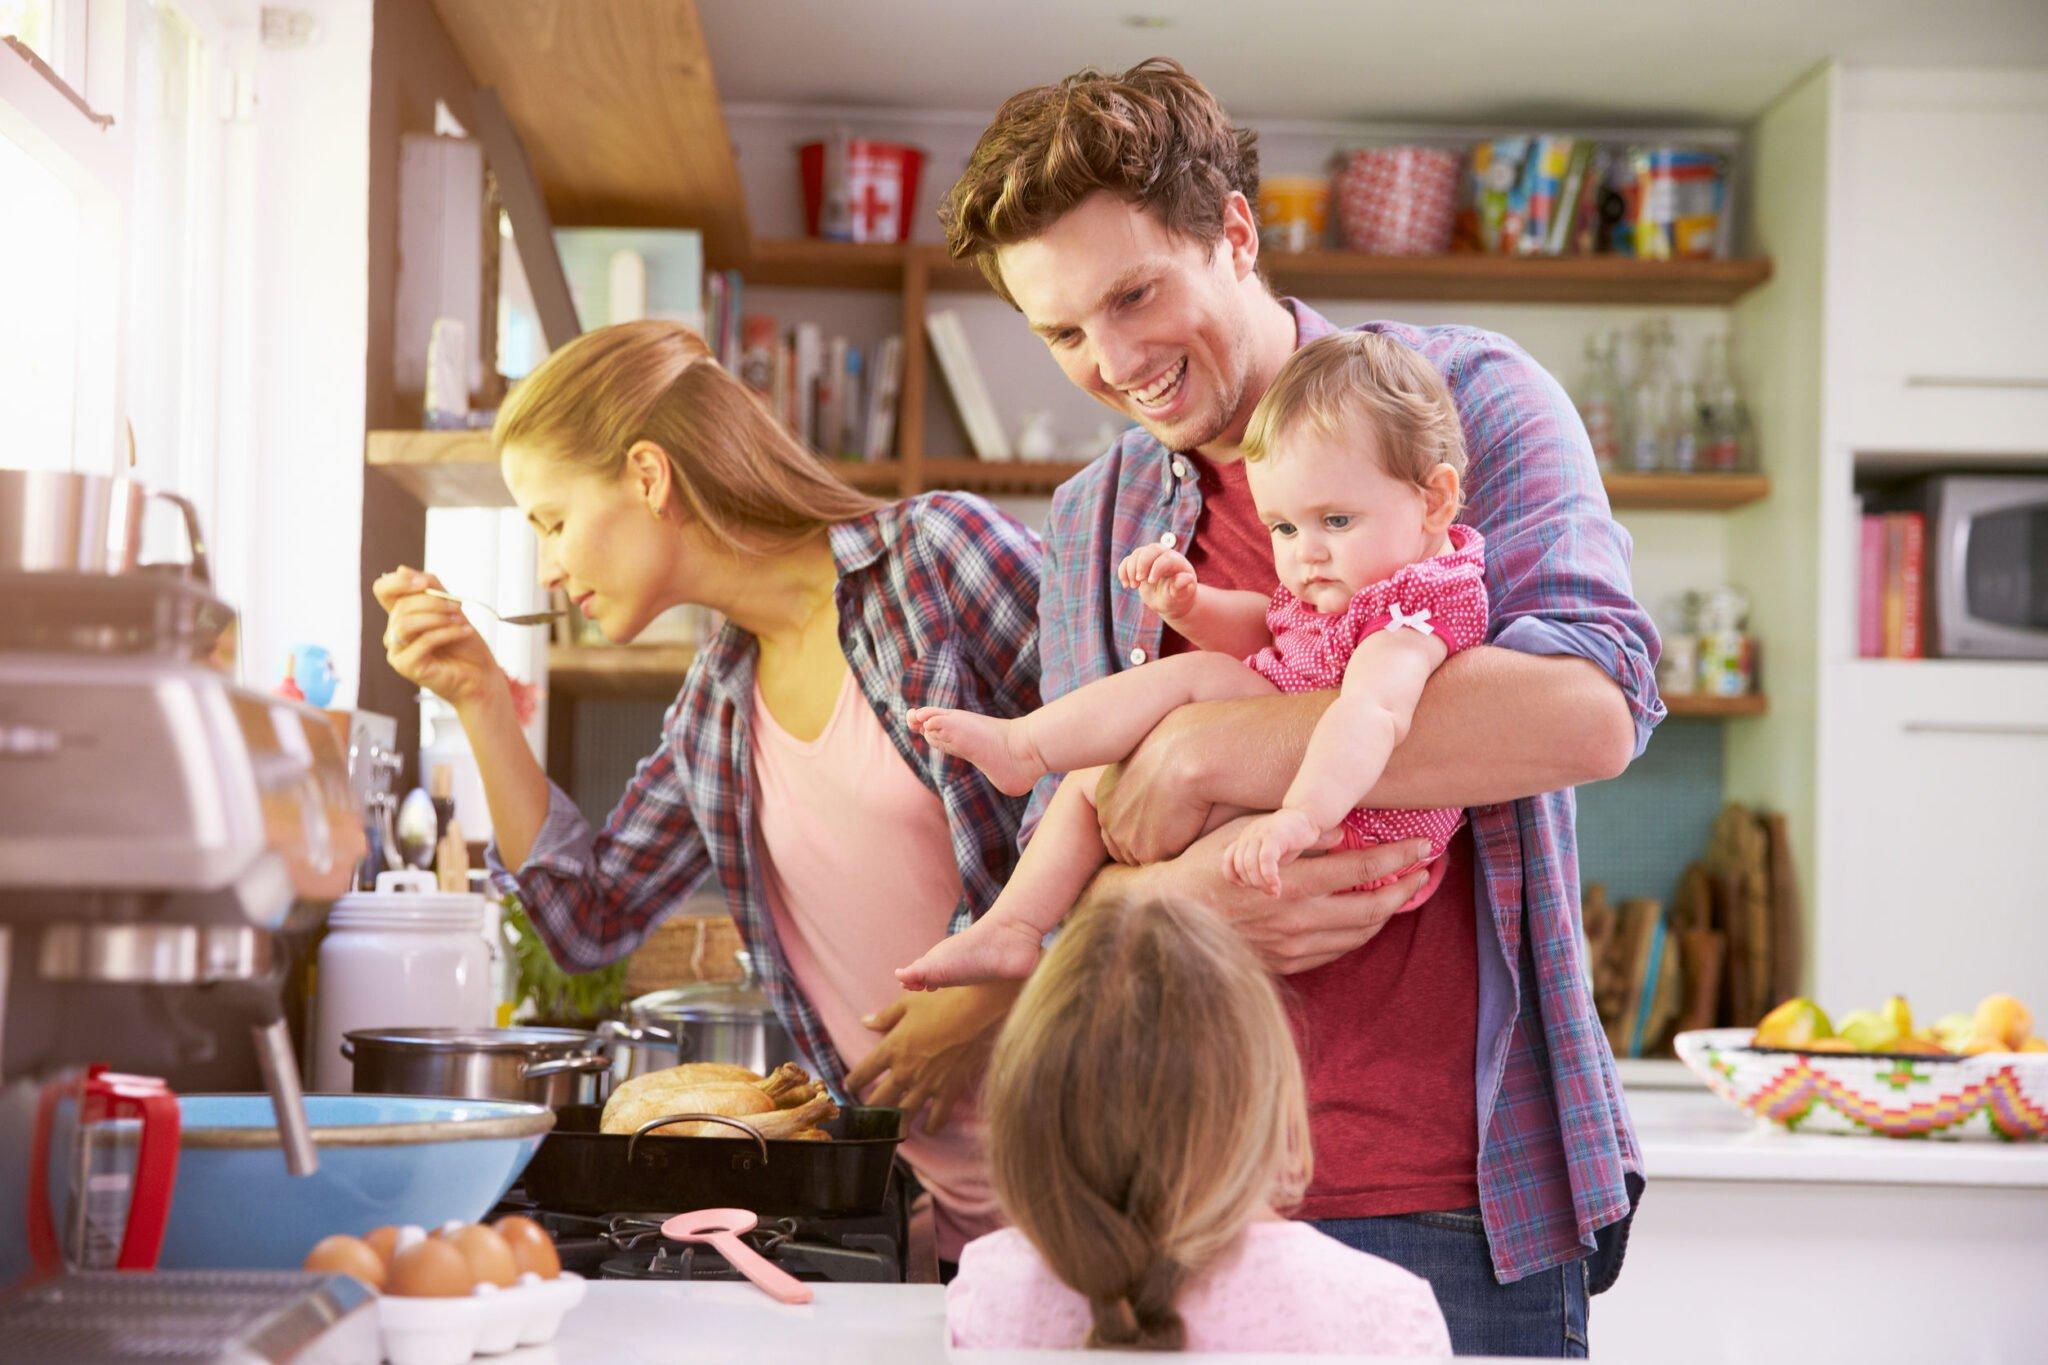 Maak het jezelf gemakkelijk in de keuken - Mamaliefde.nl